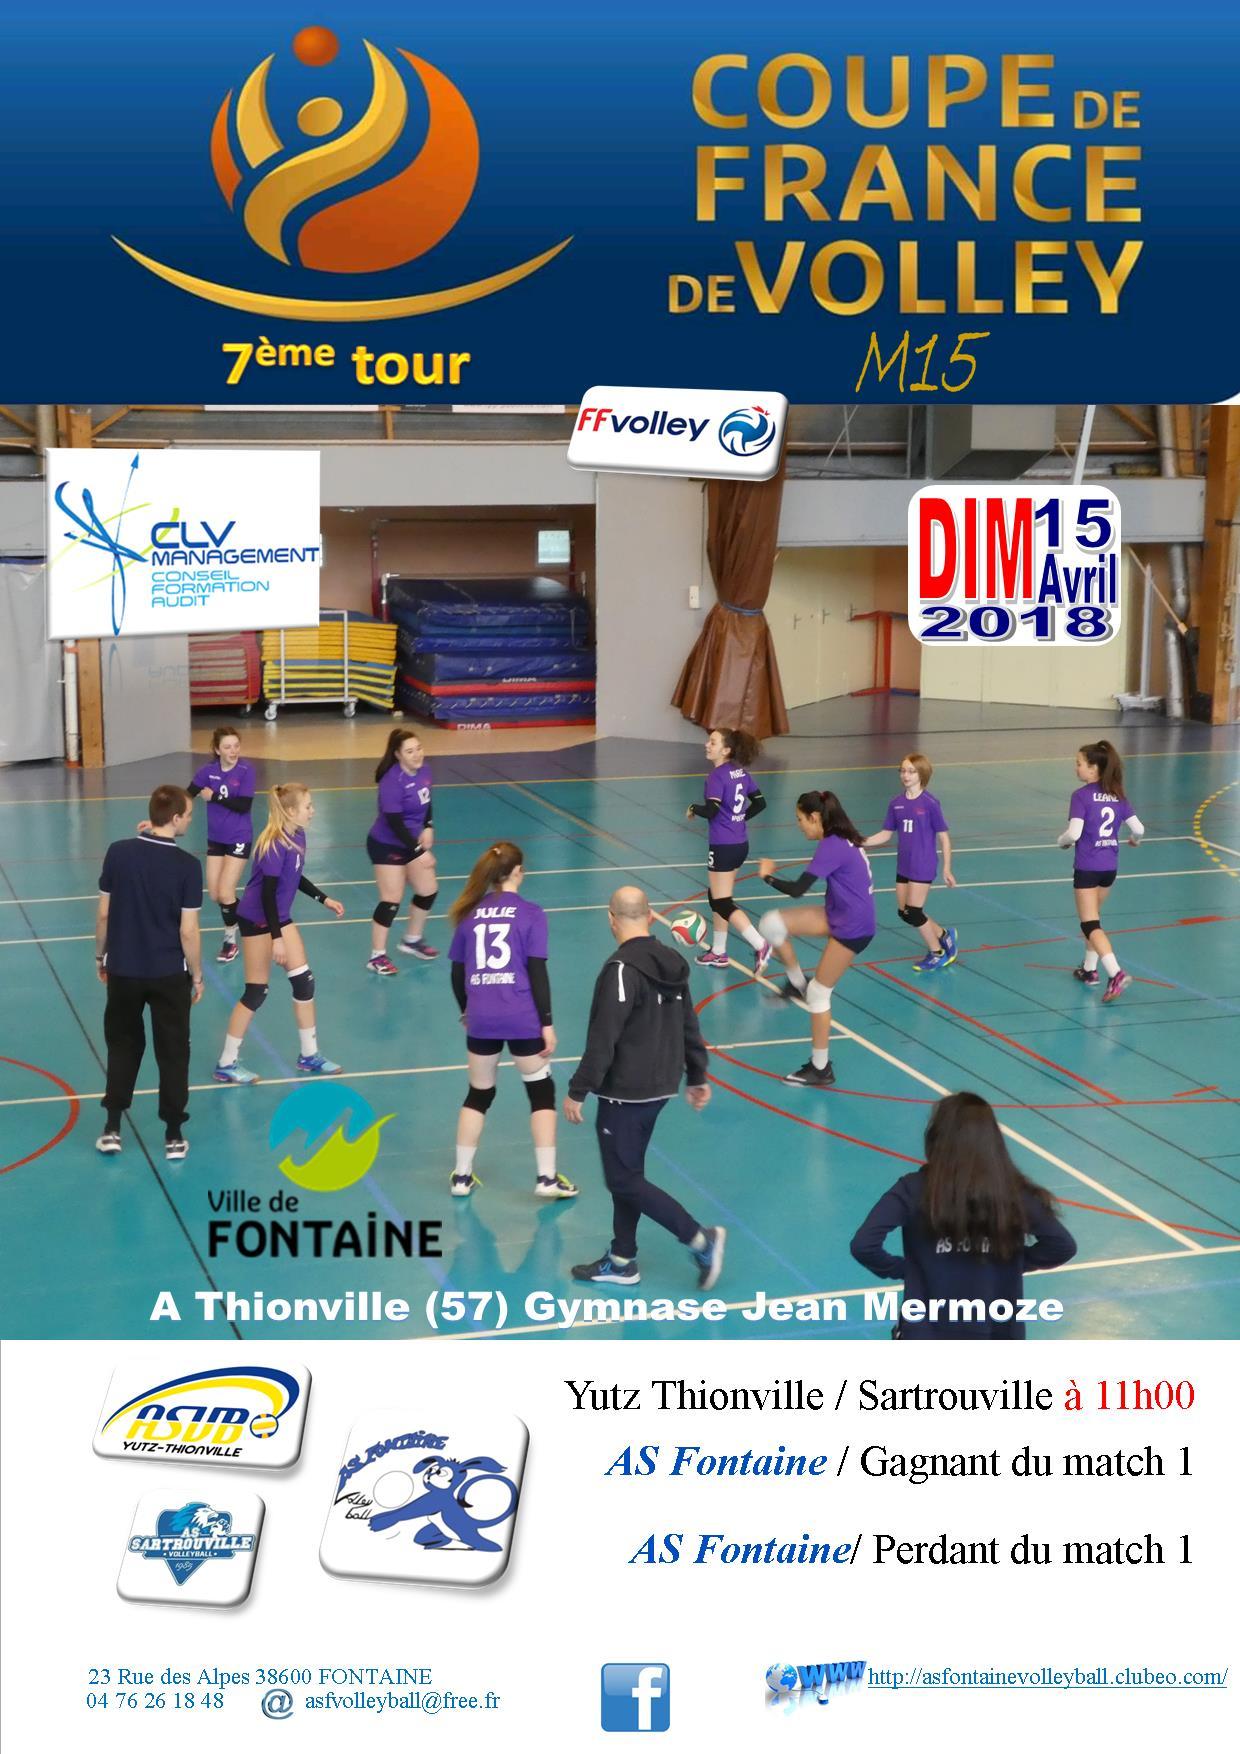 Affiche Coupe de France M15 T7.jpg